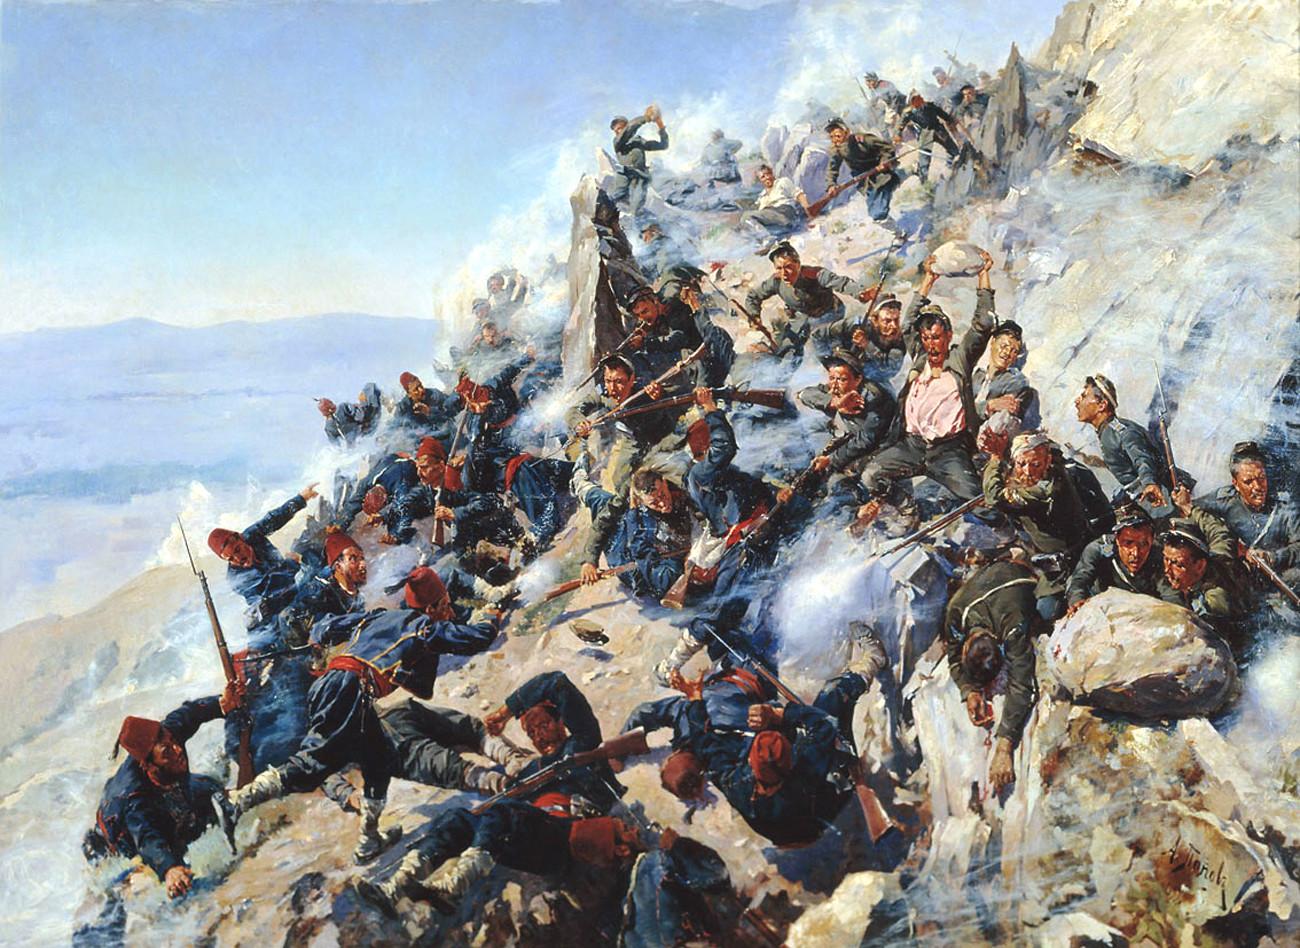 シプカ峠の防衛、ブルガリア独立戦争